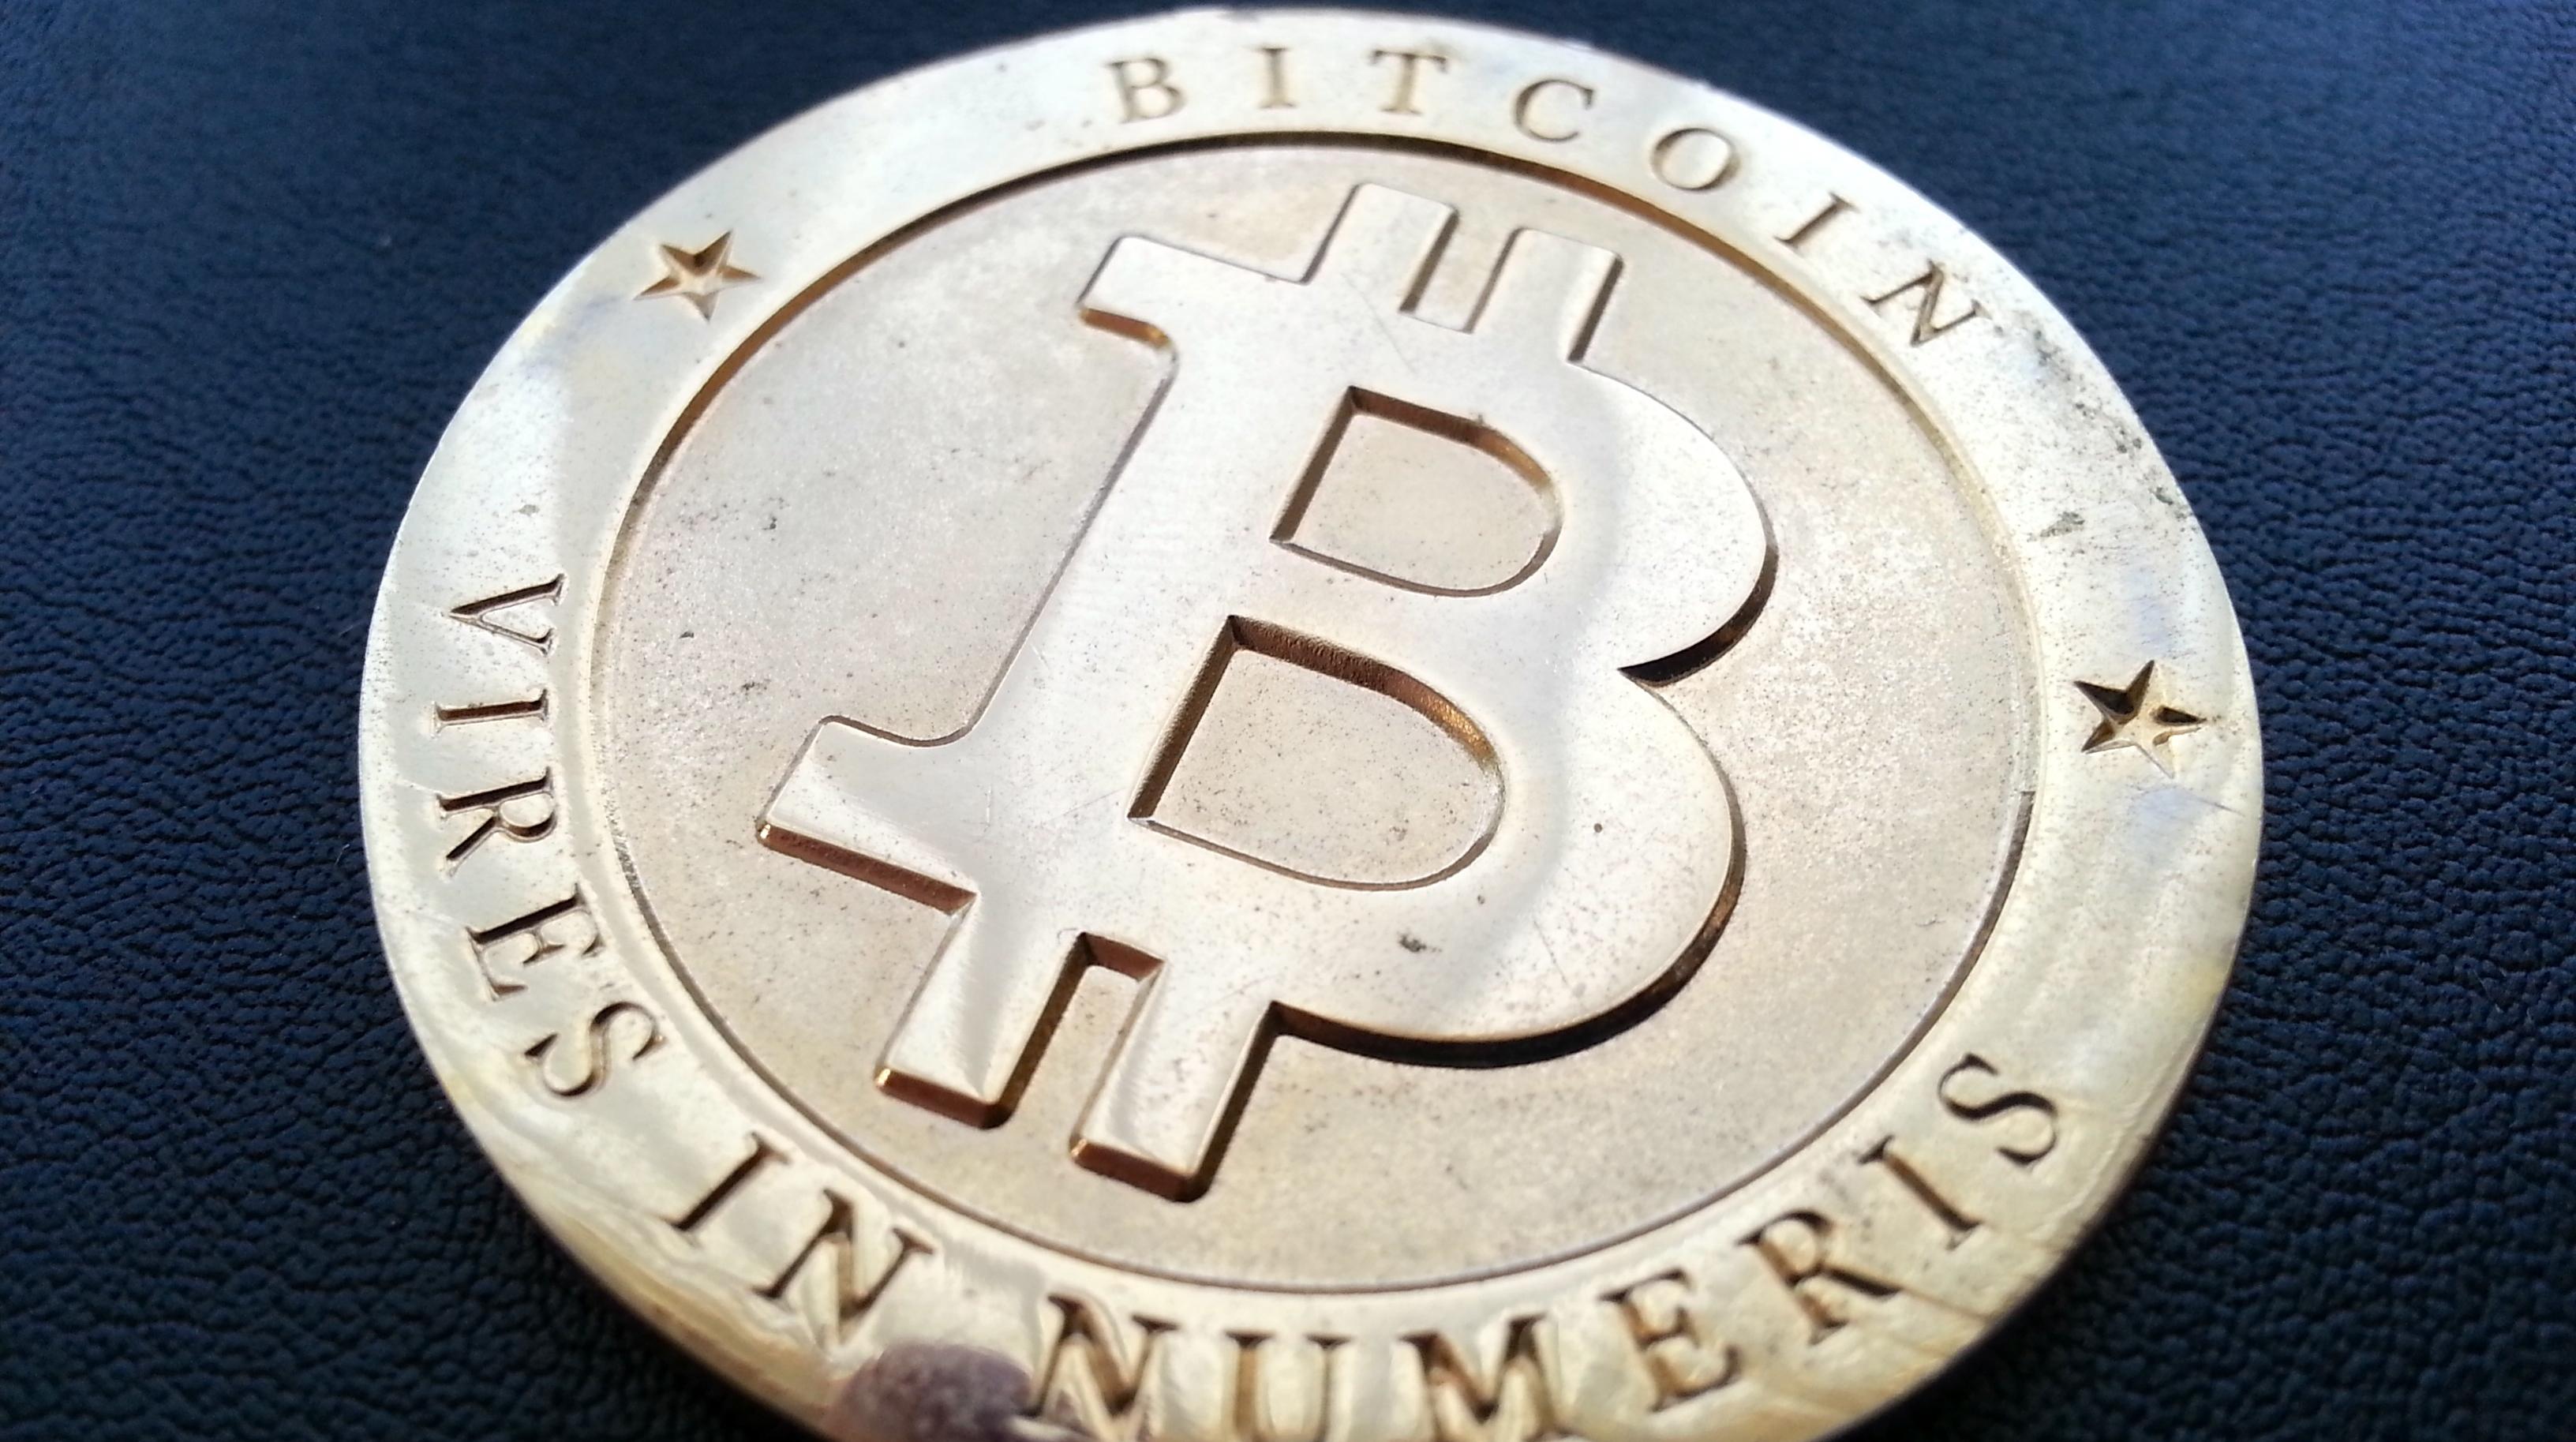 zappos bitcoin)